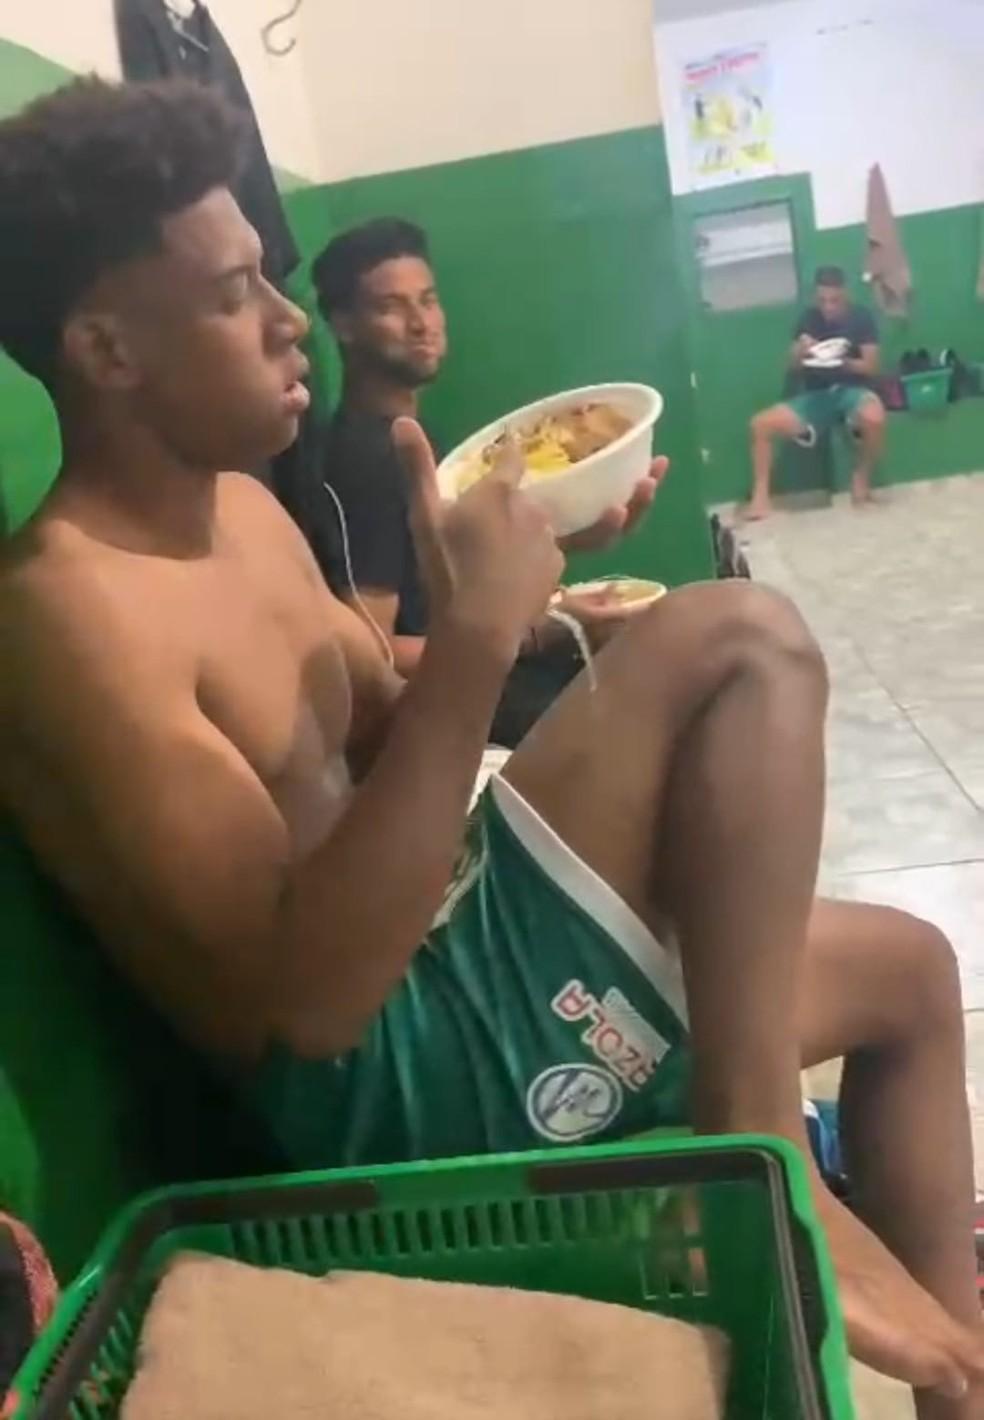 Jogadores do Rio Preto comem marmitas no vestiário do Anísio Haddad — Foto: Reprodução